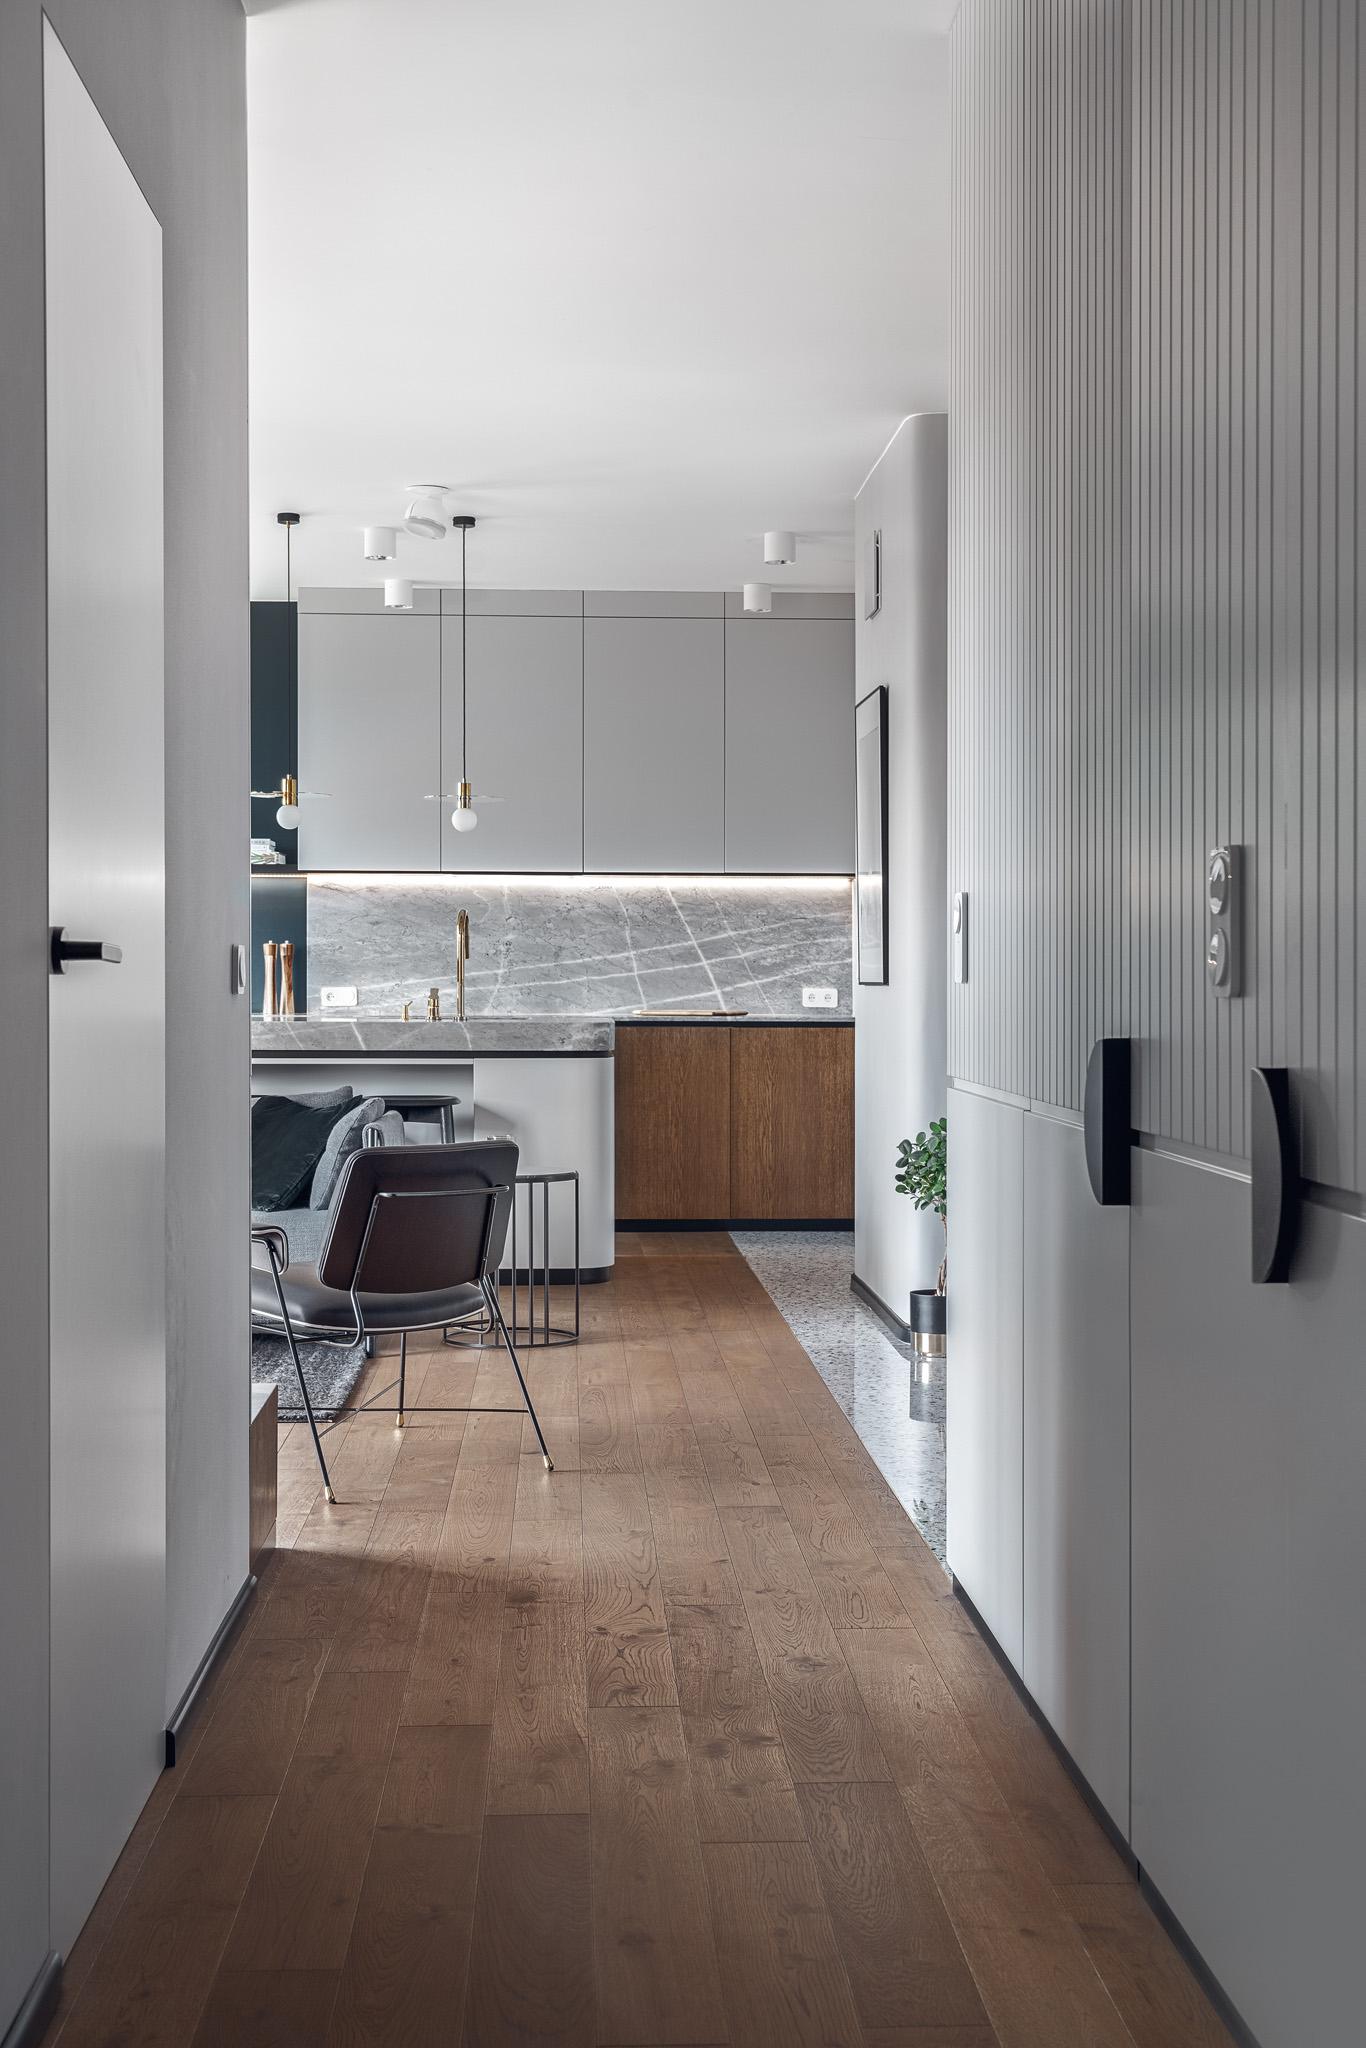 Szymanowskiego Apartment Interior Gdansk, Poland - Raca Architekci